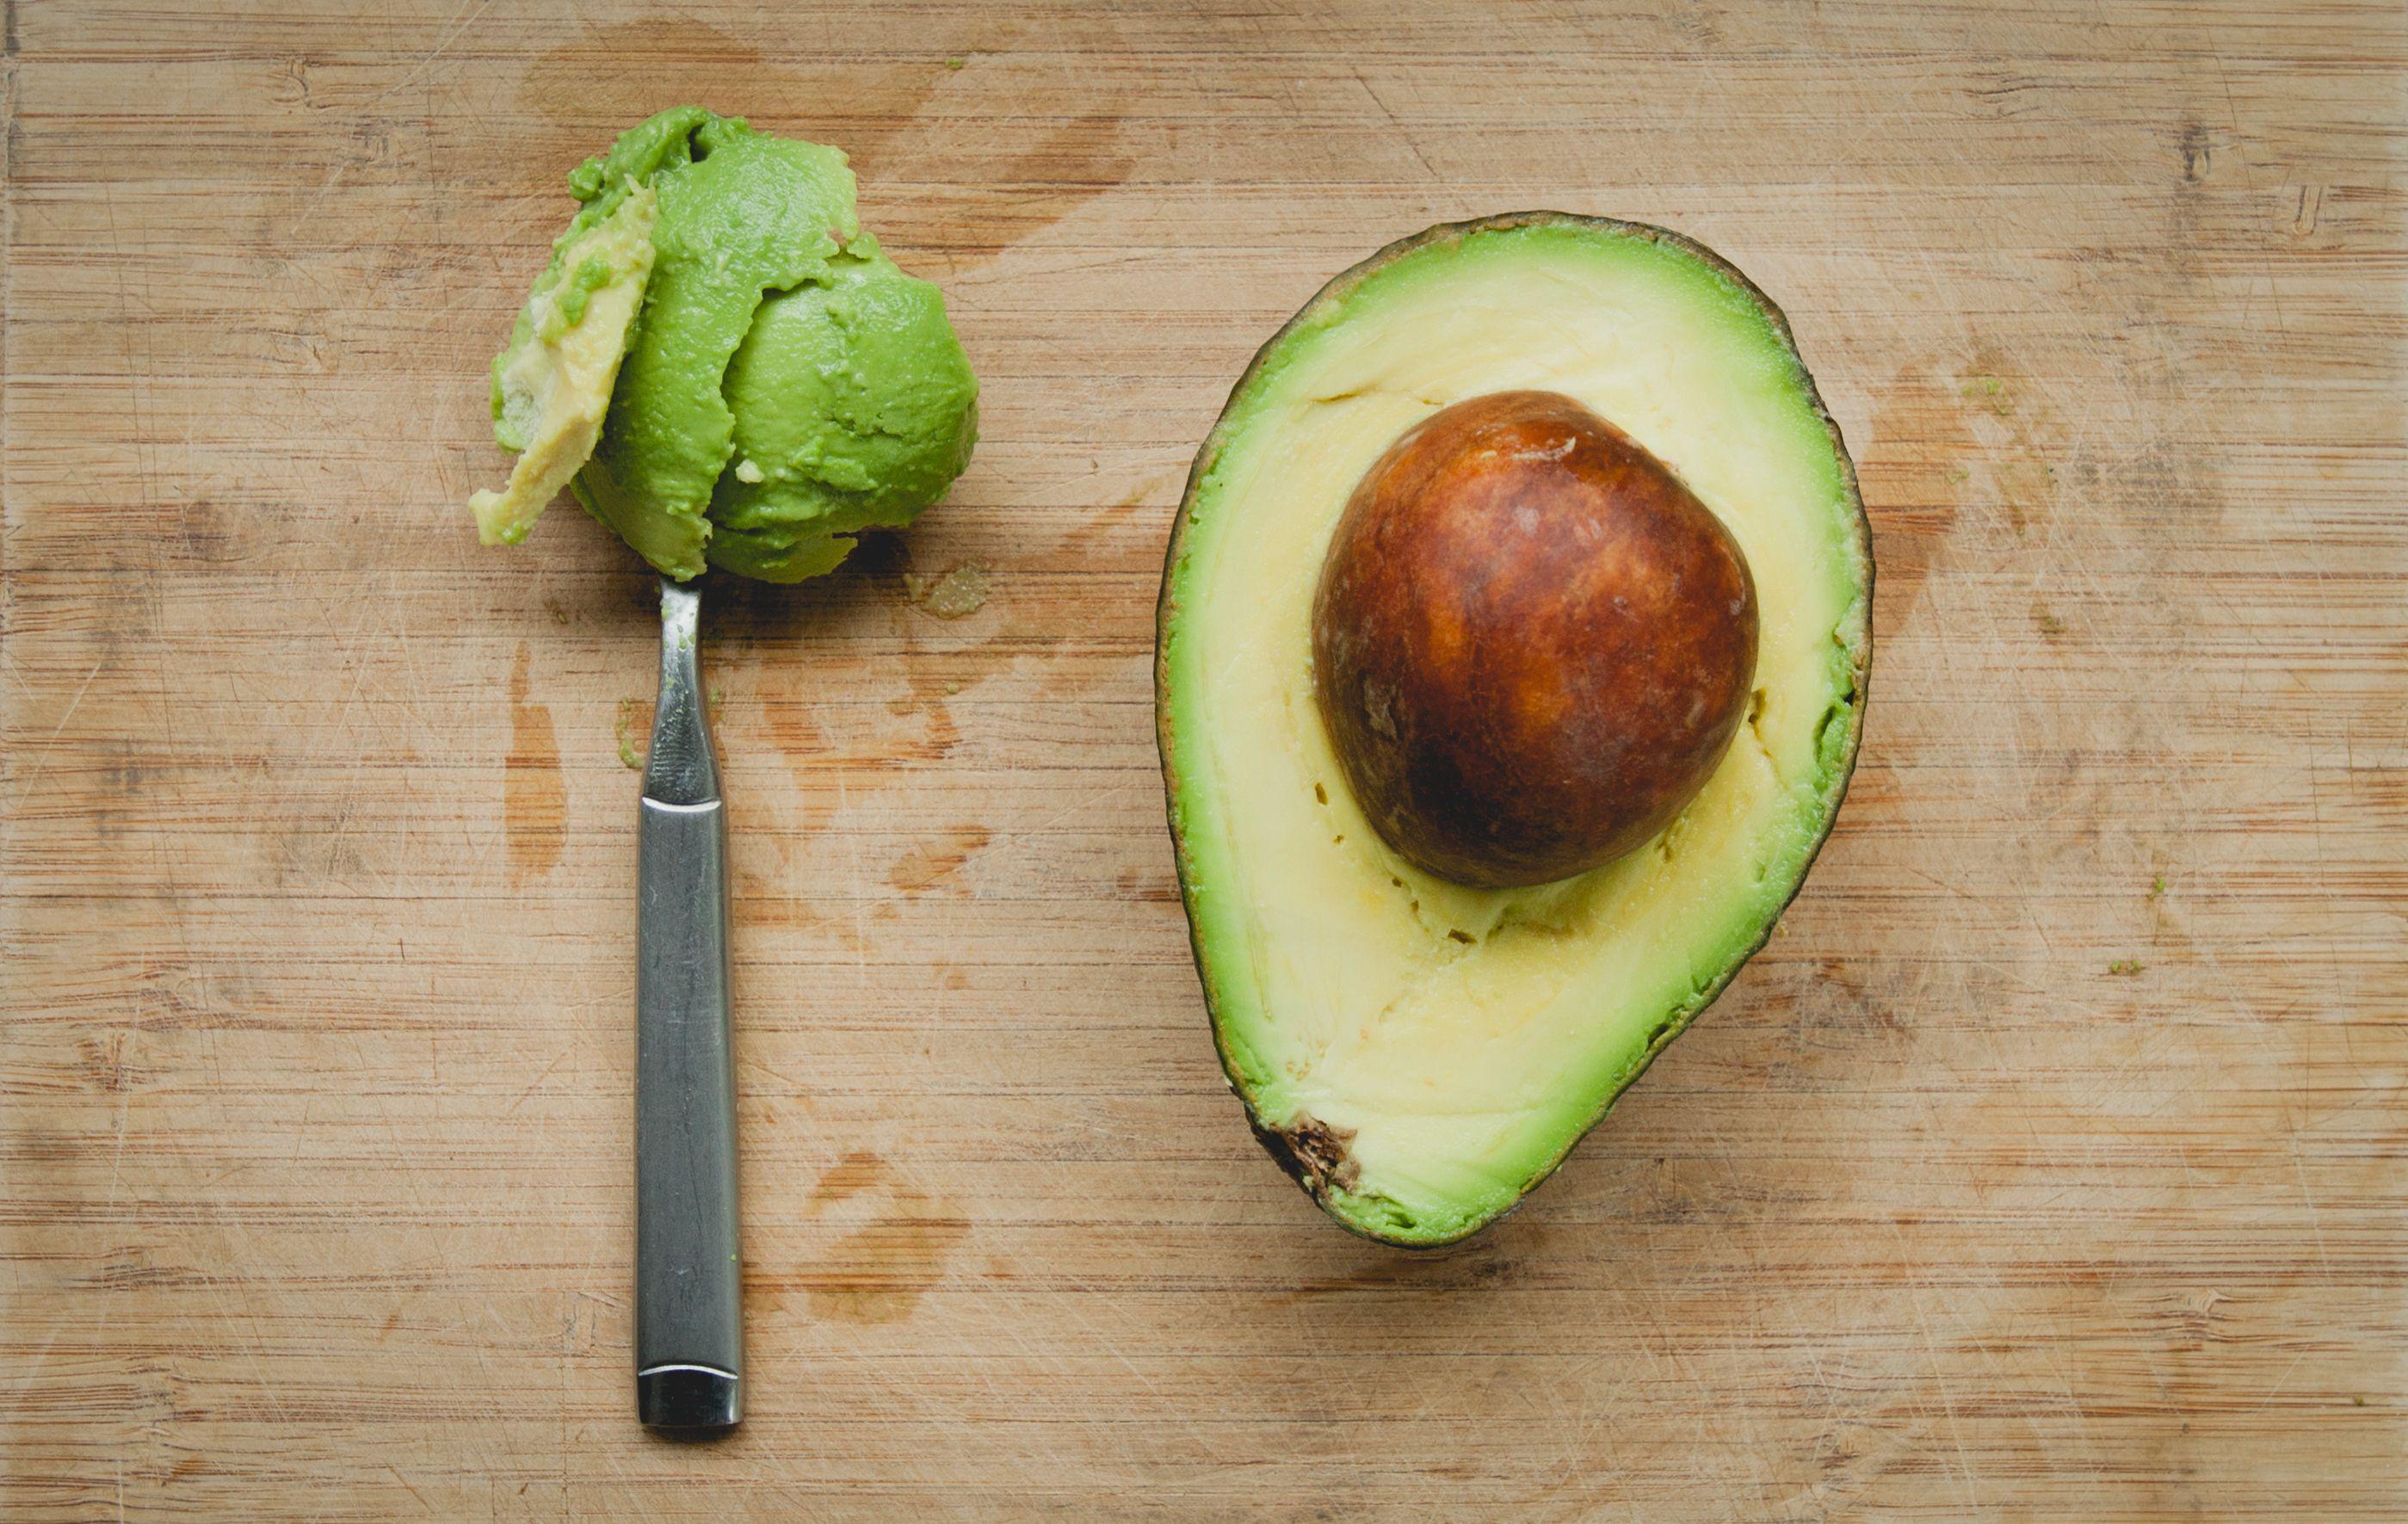 Nocciolo Di Avocado In Acqua l'avocado senza nocciolo, la cipolla che non fa piangere: i